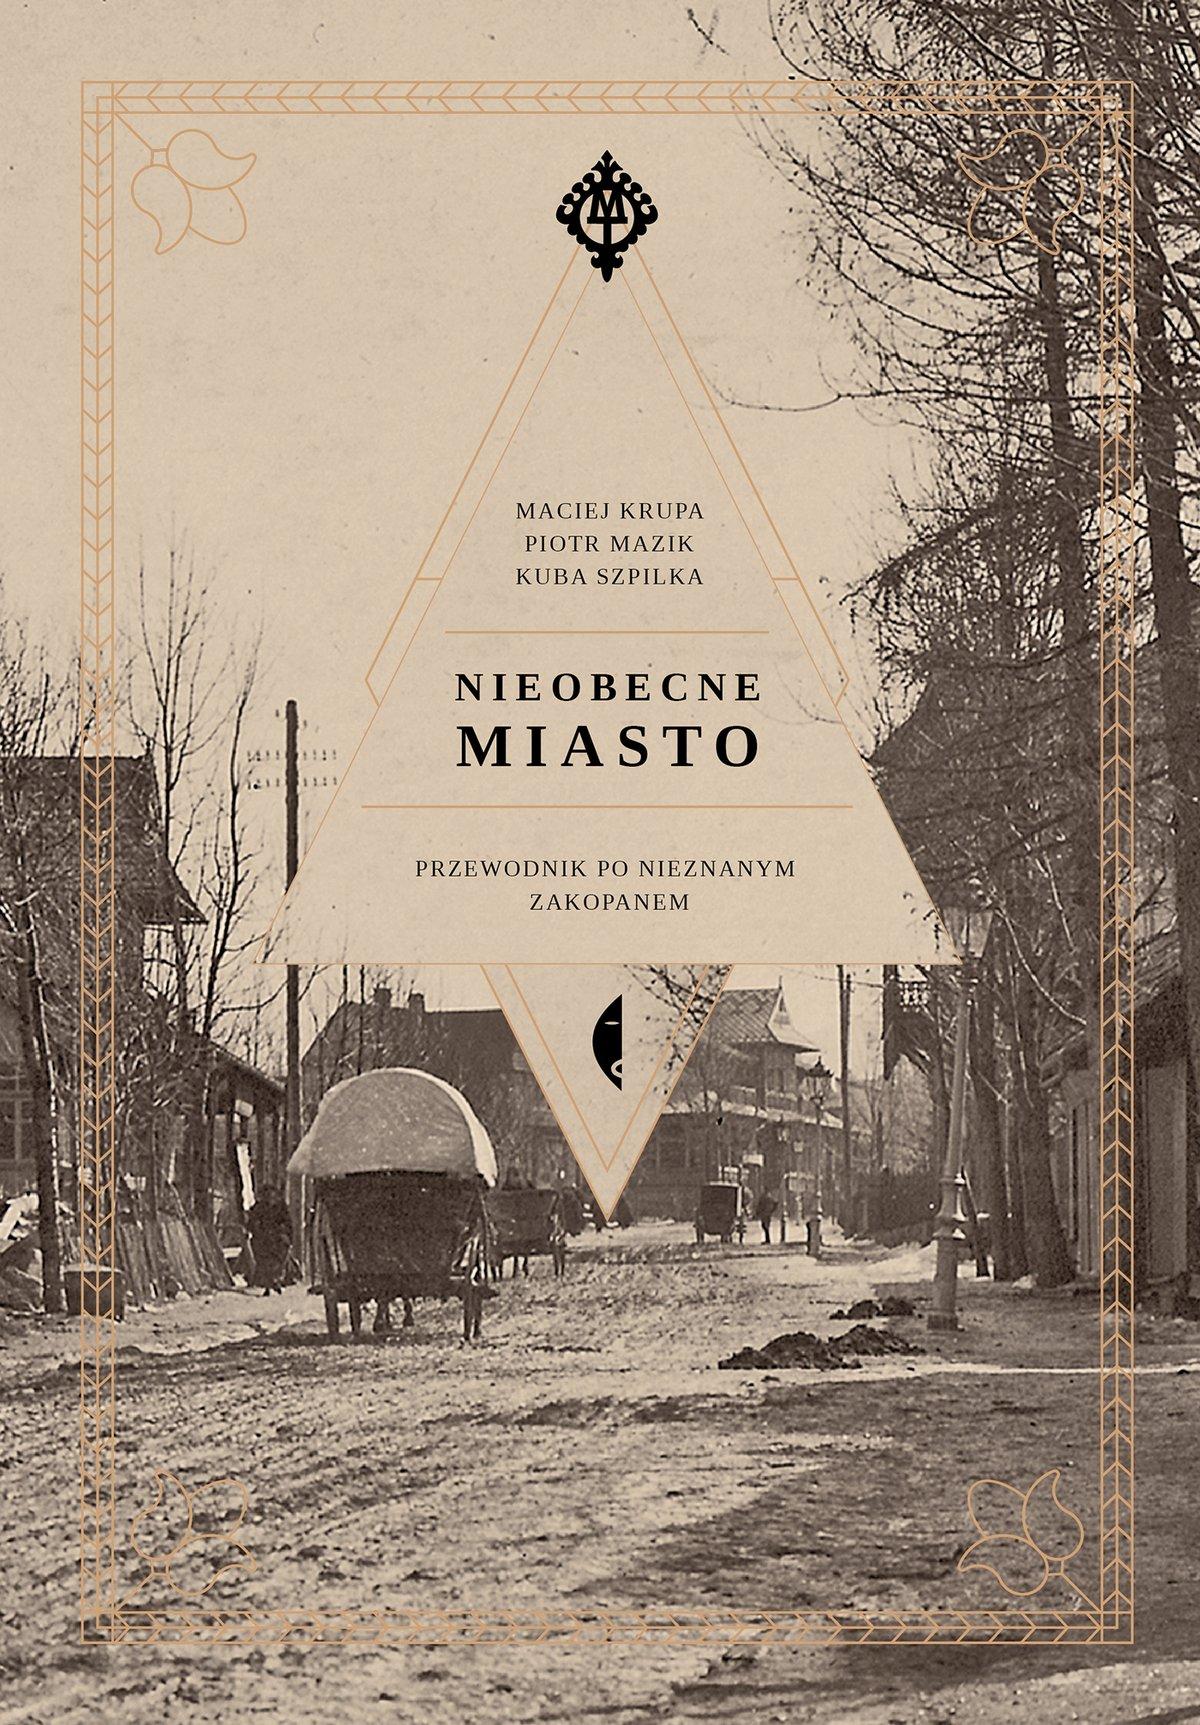 Nieobecne miasto - Ebook (Książka na Kindle) do pobrania w formacie MOBI